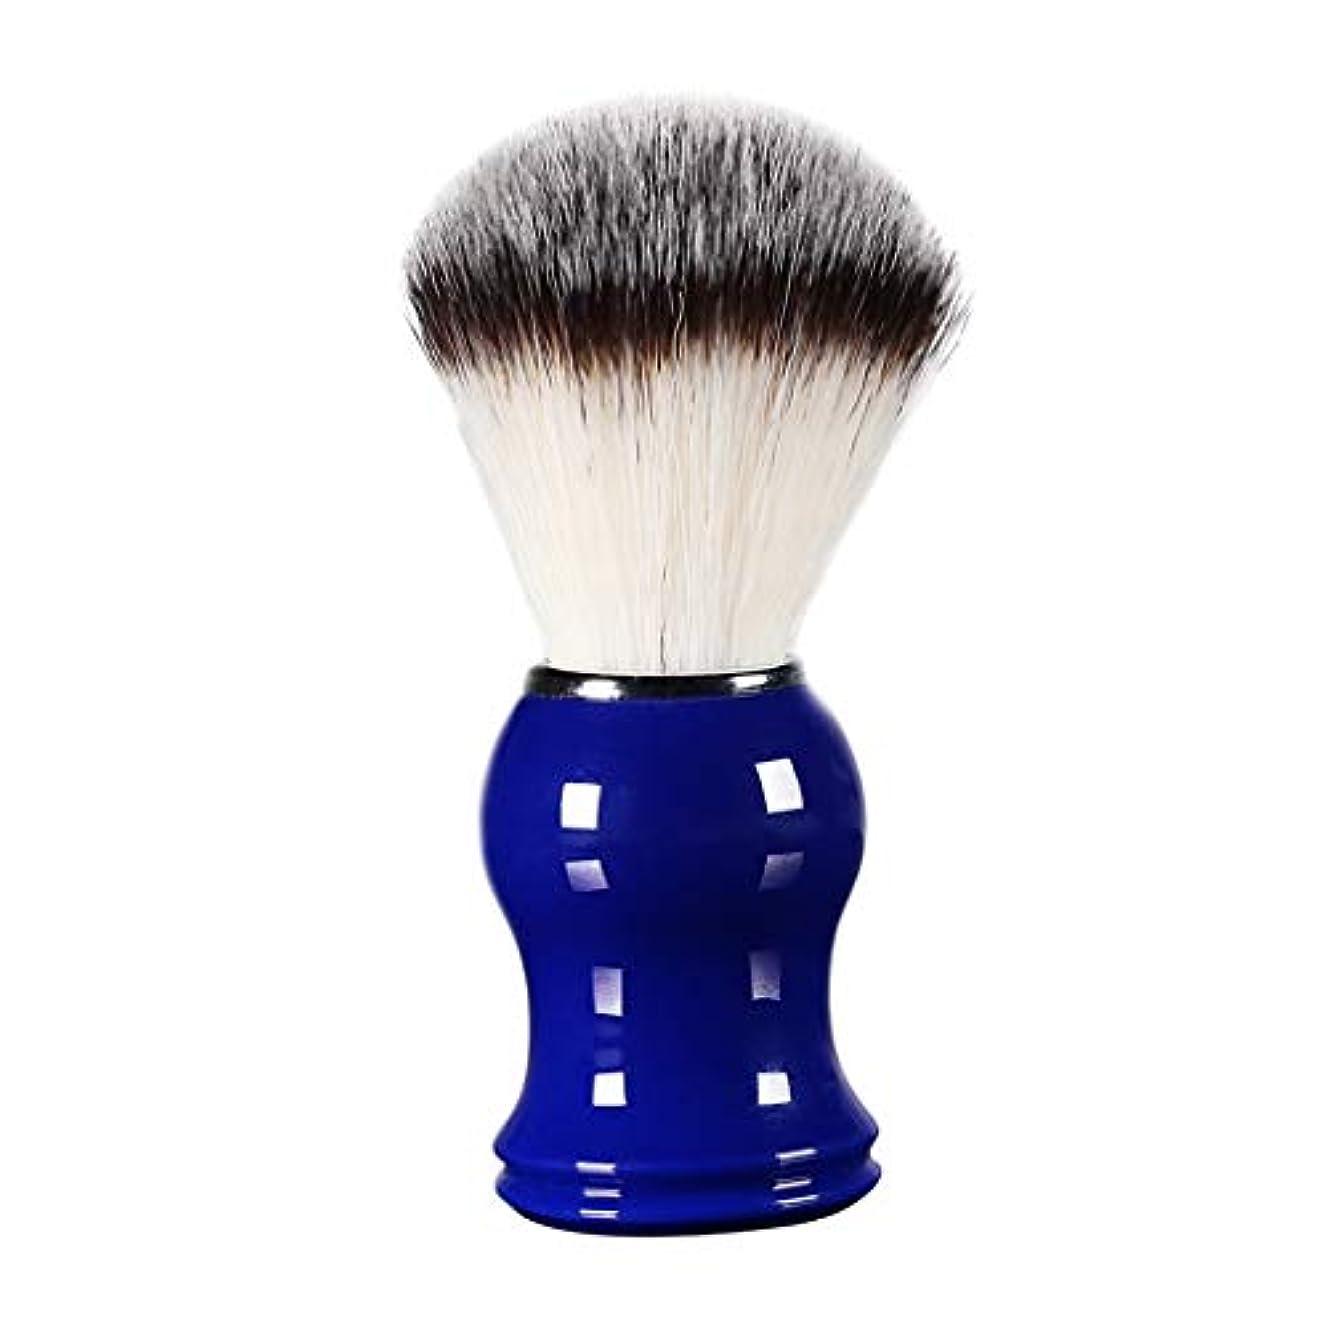 くつろぐ稚魚首謀者FLAMEER 床屋 サロン 髭剃り シェービングブラシ メンズ 泡立ち 洗顔 理容 約11cm